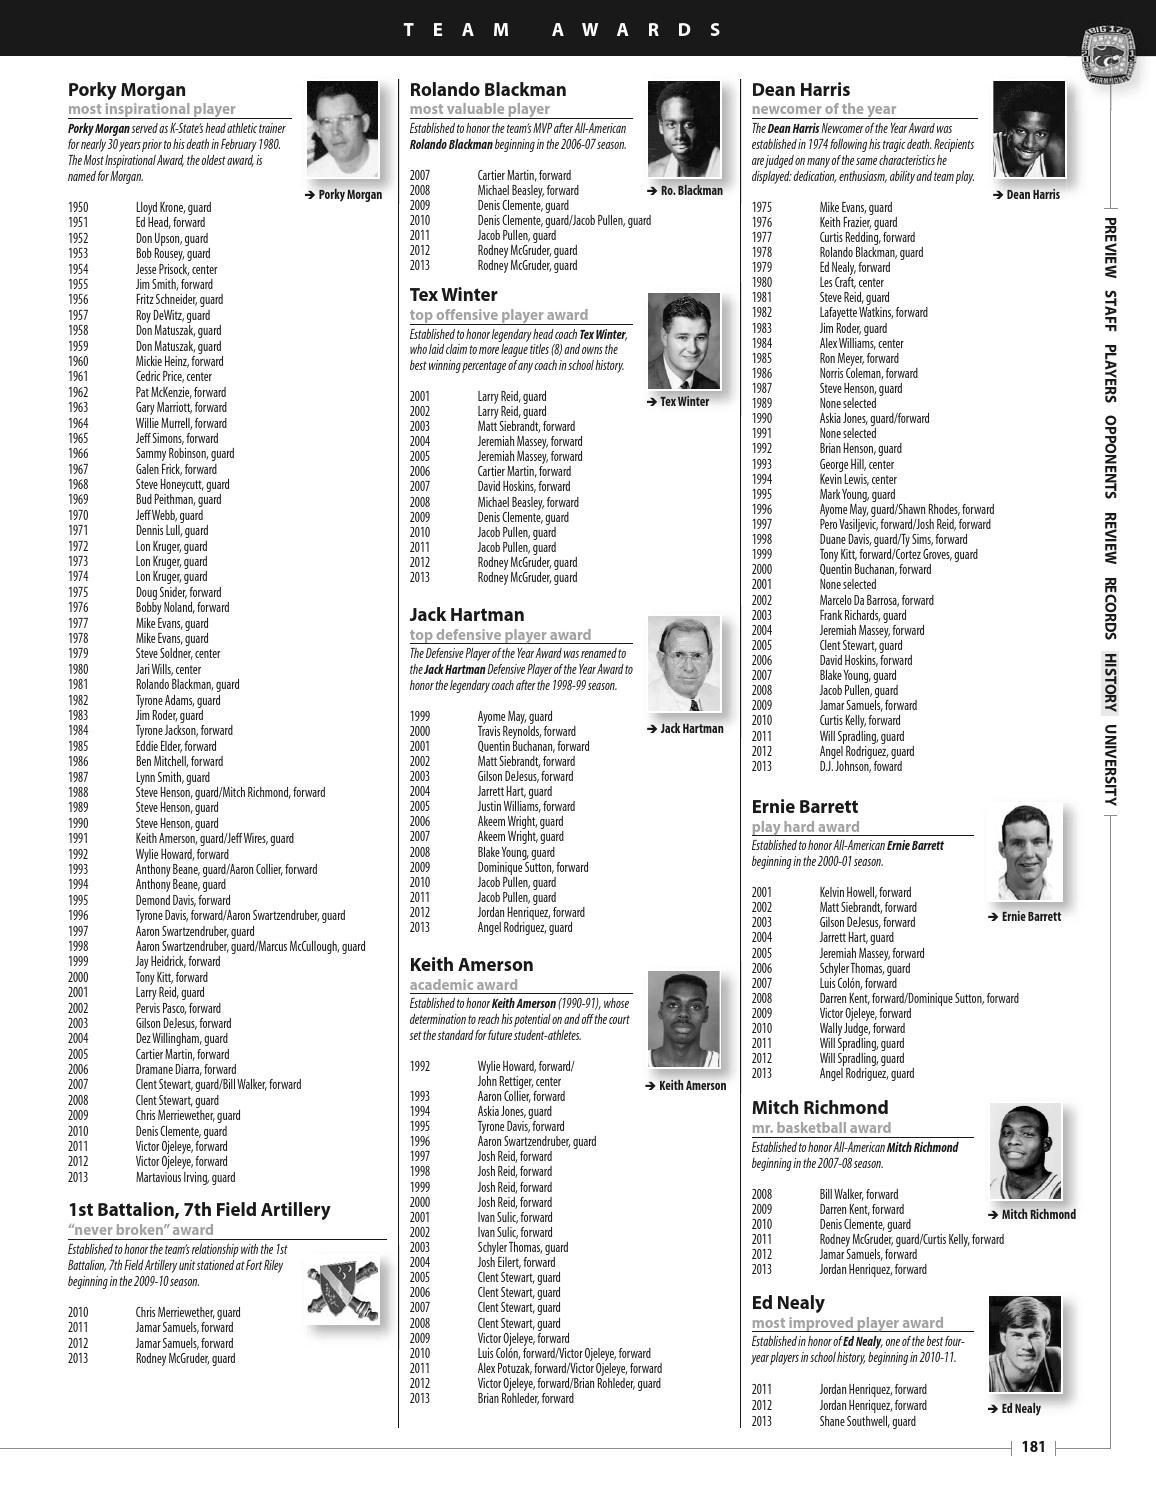 2013-14 Kansas State Men's Basketball Media Guide by K